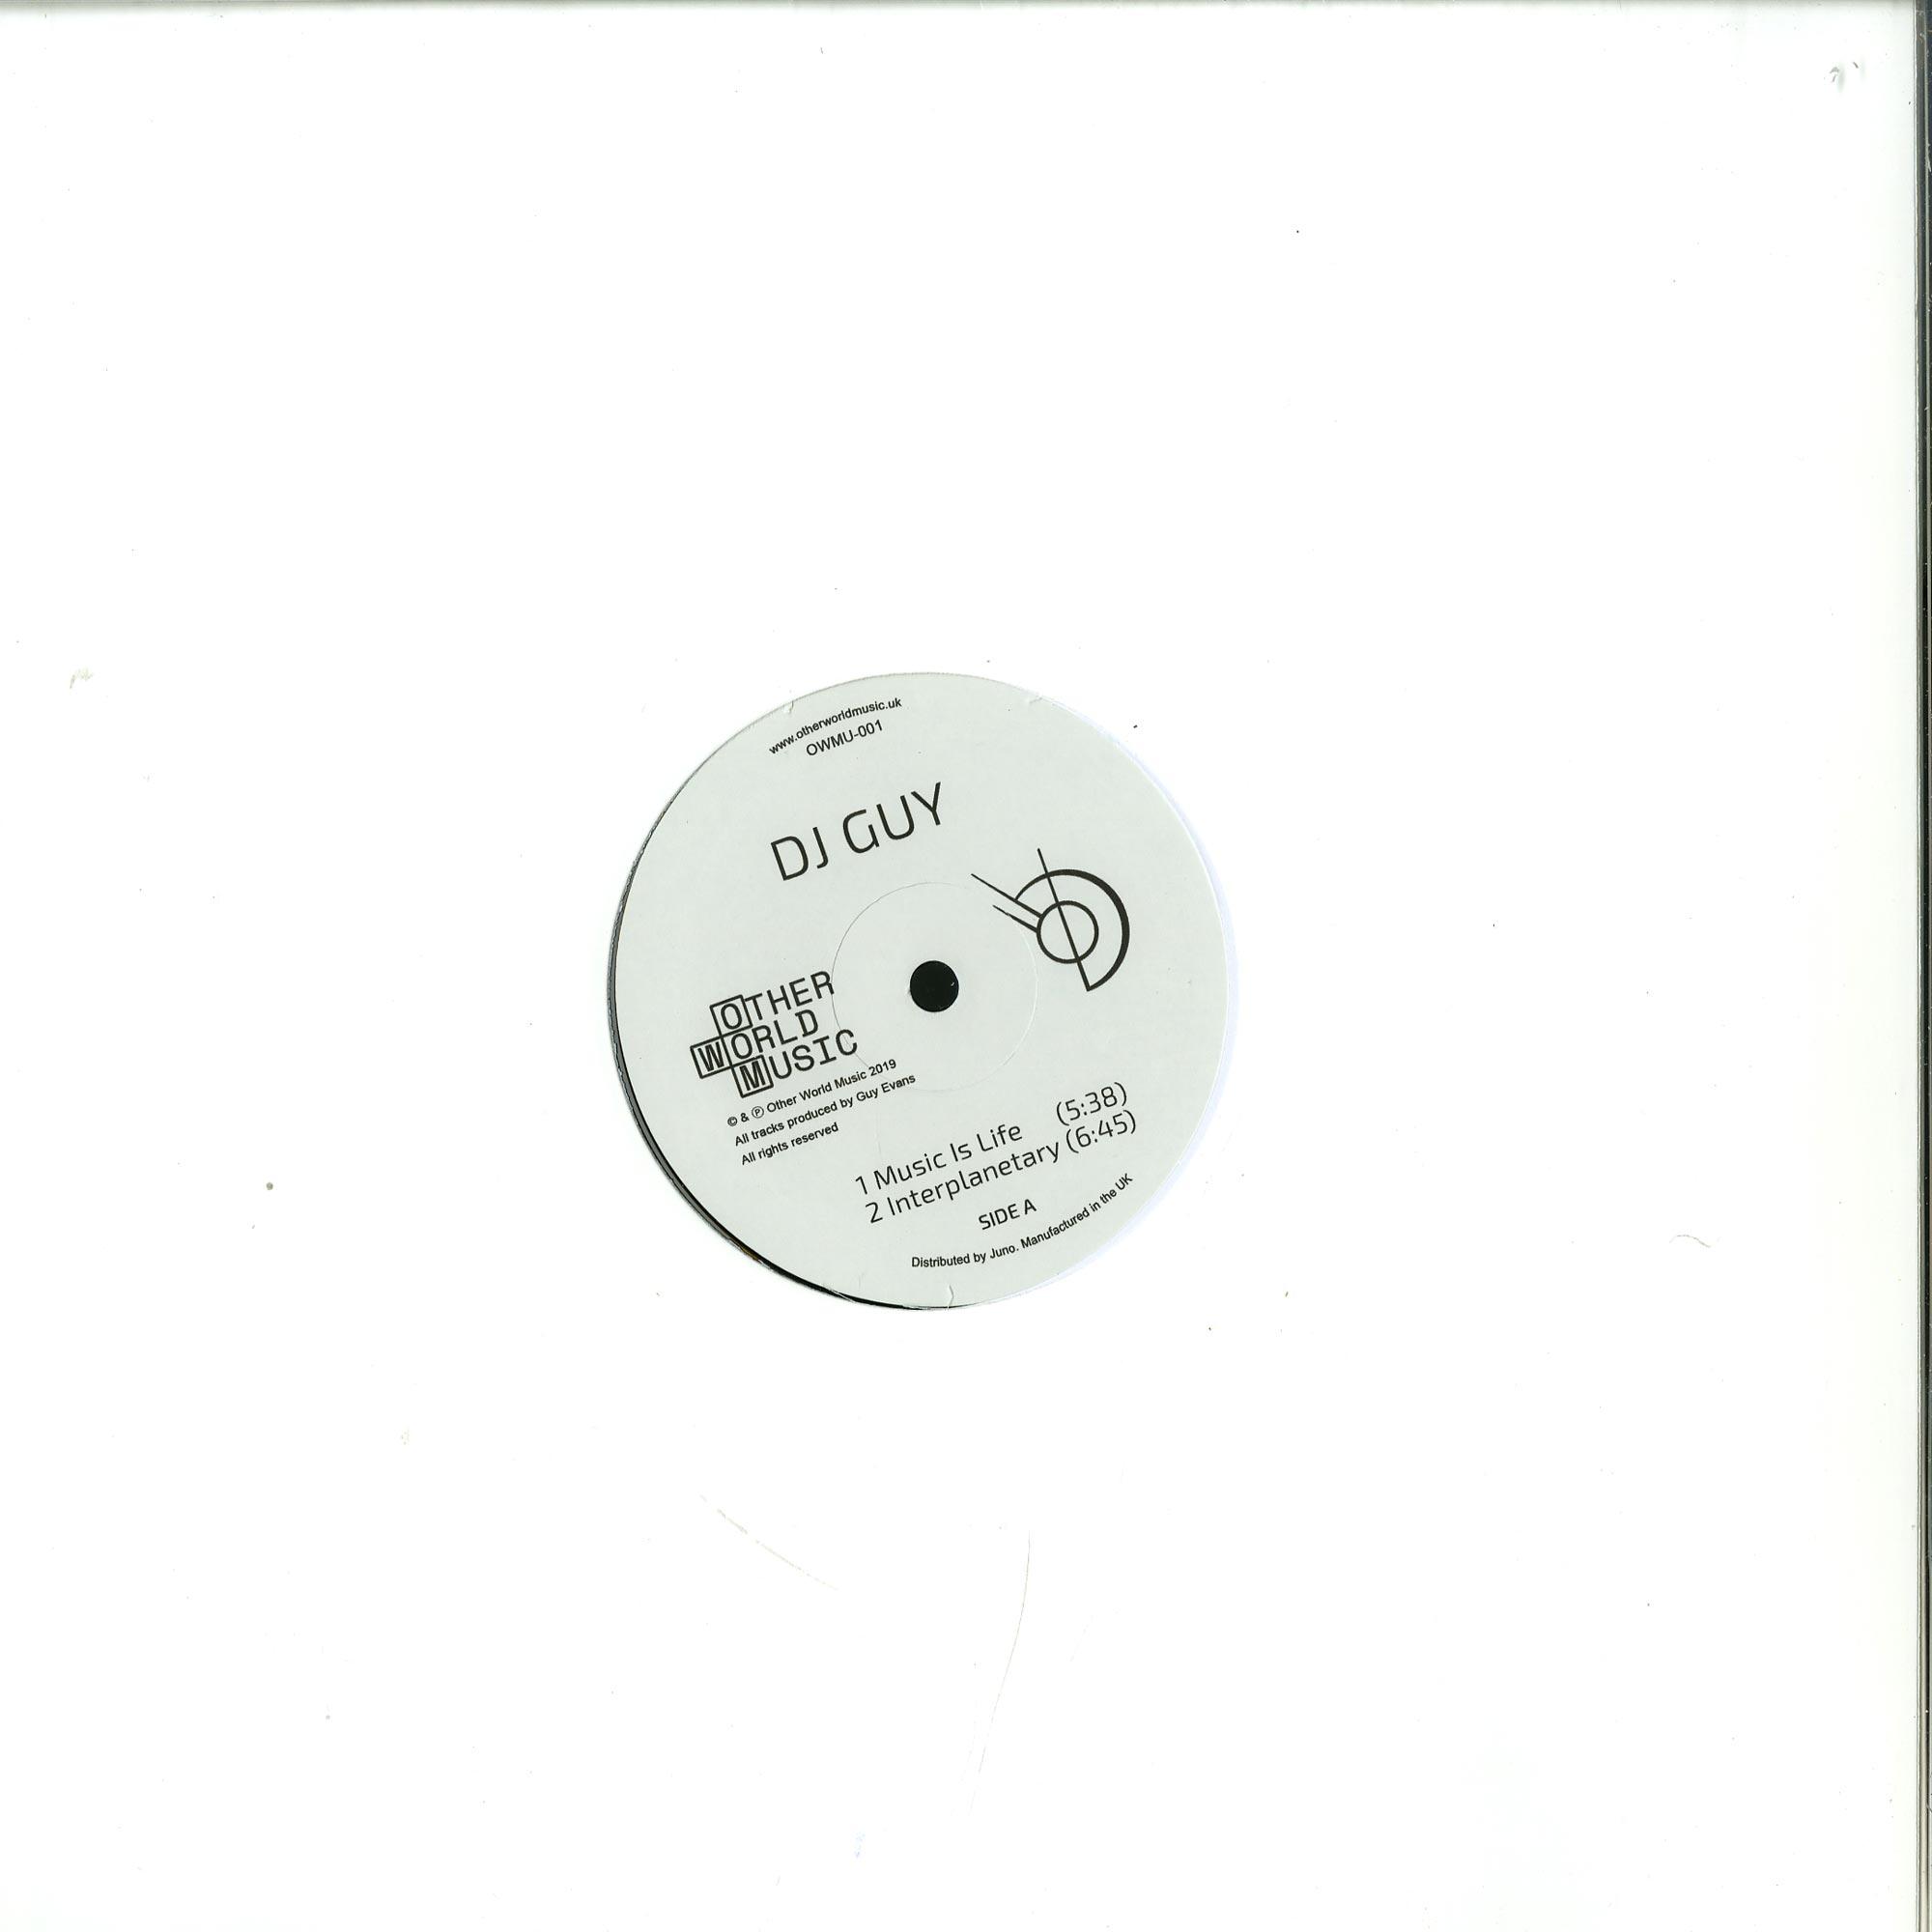 DJ Guy - OWMU 001